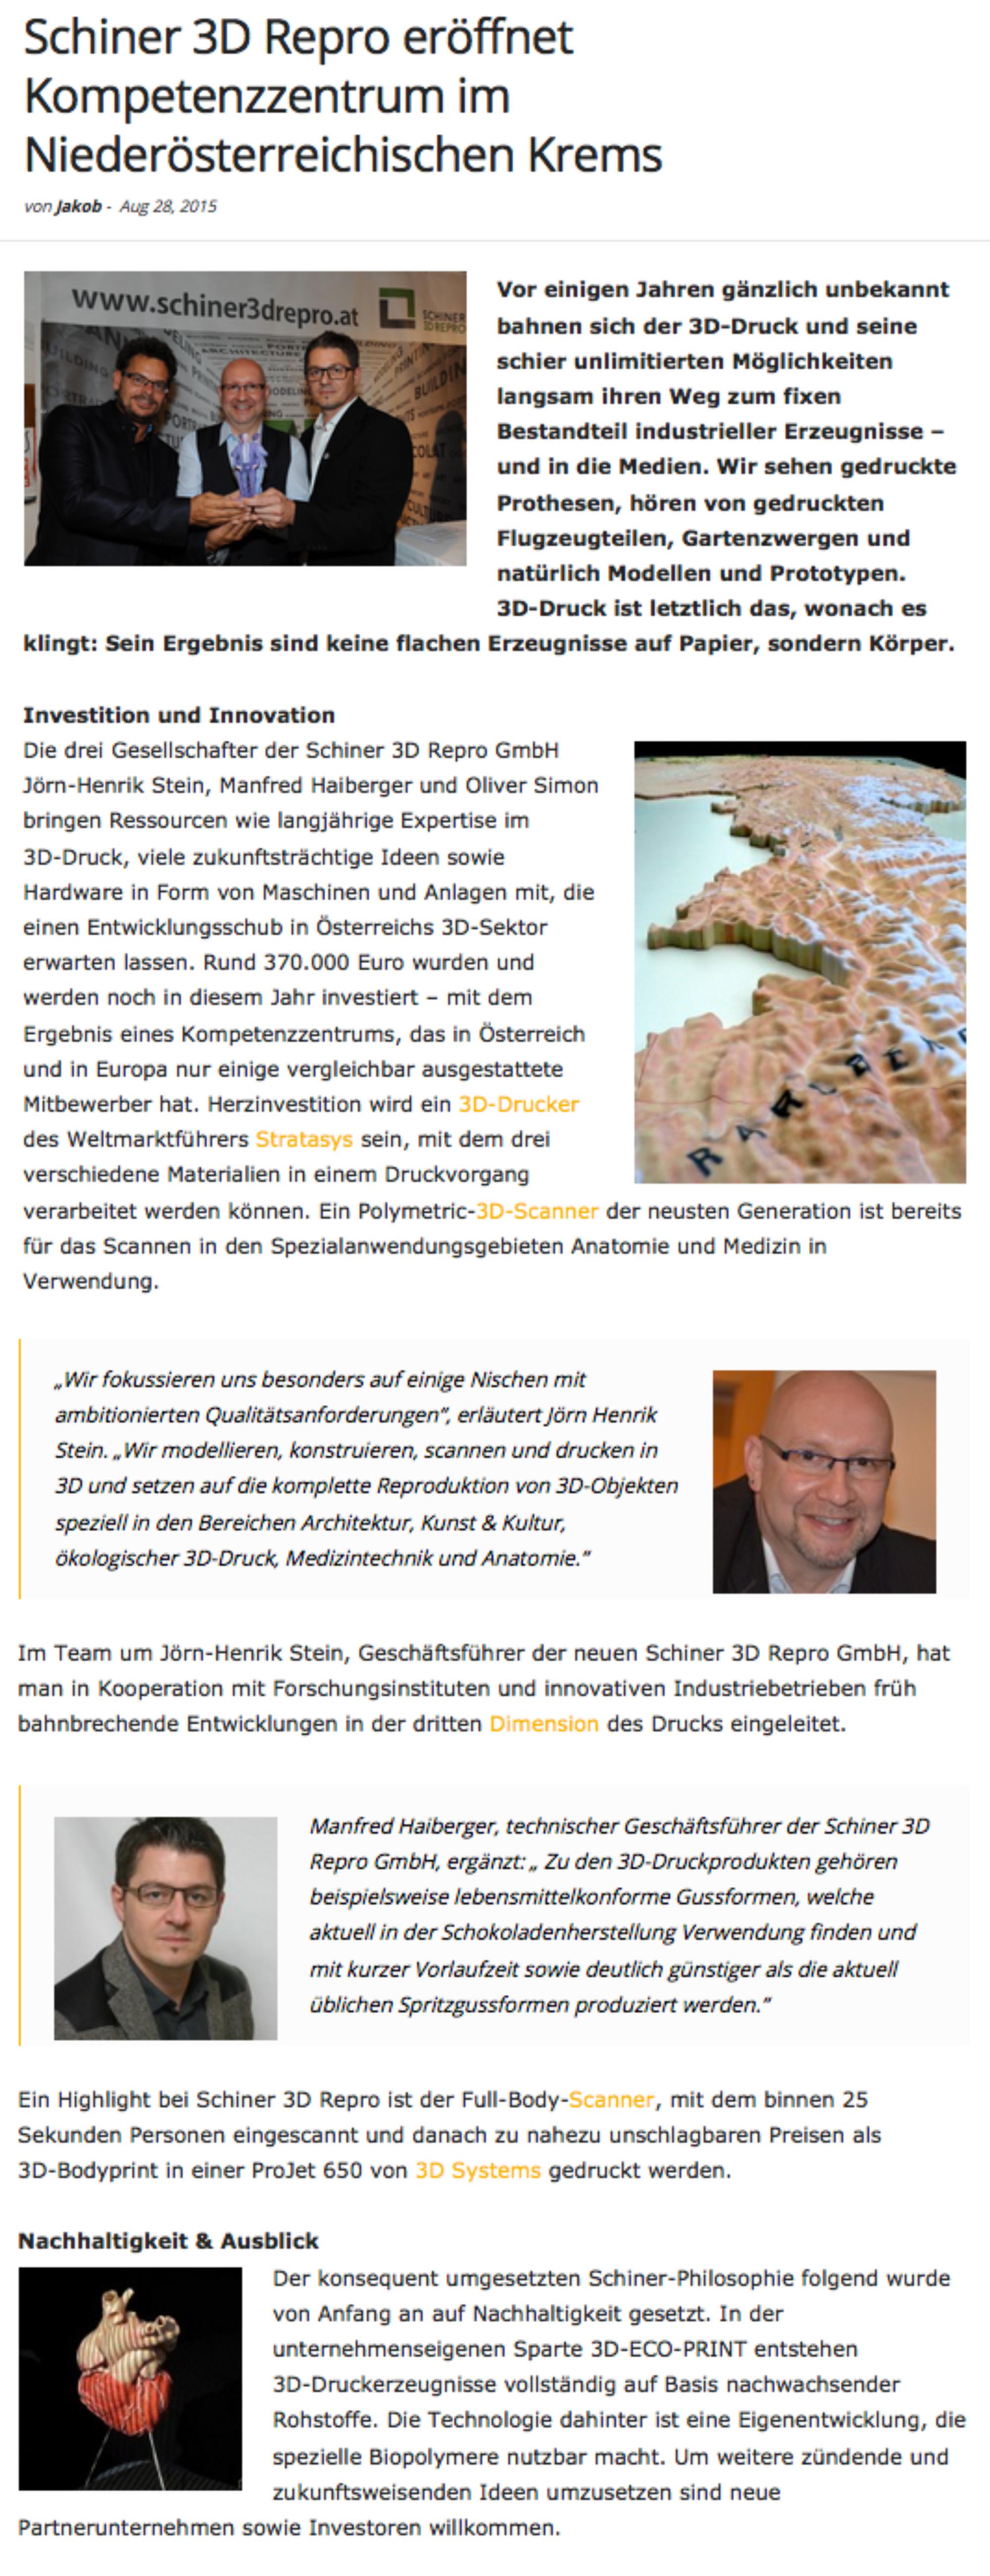 Ziemlich Anatomie Scan Ergebnisse Fotos - Anatomie Von Menschlichen ...